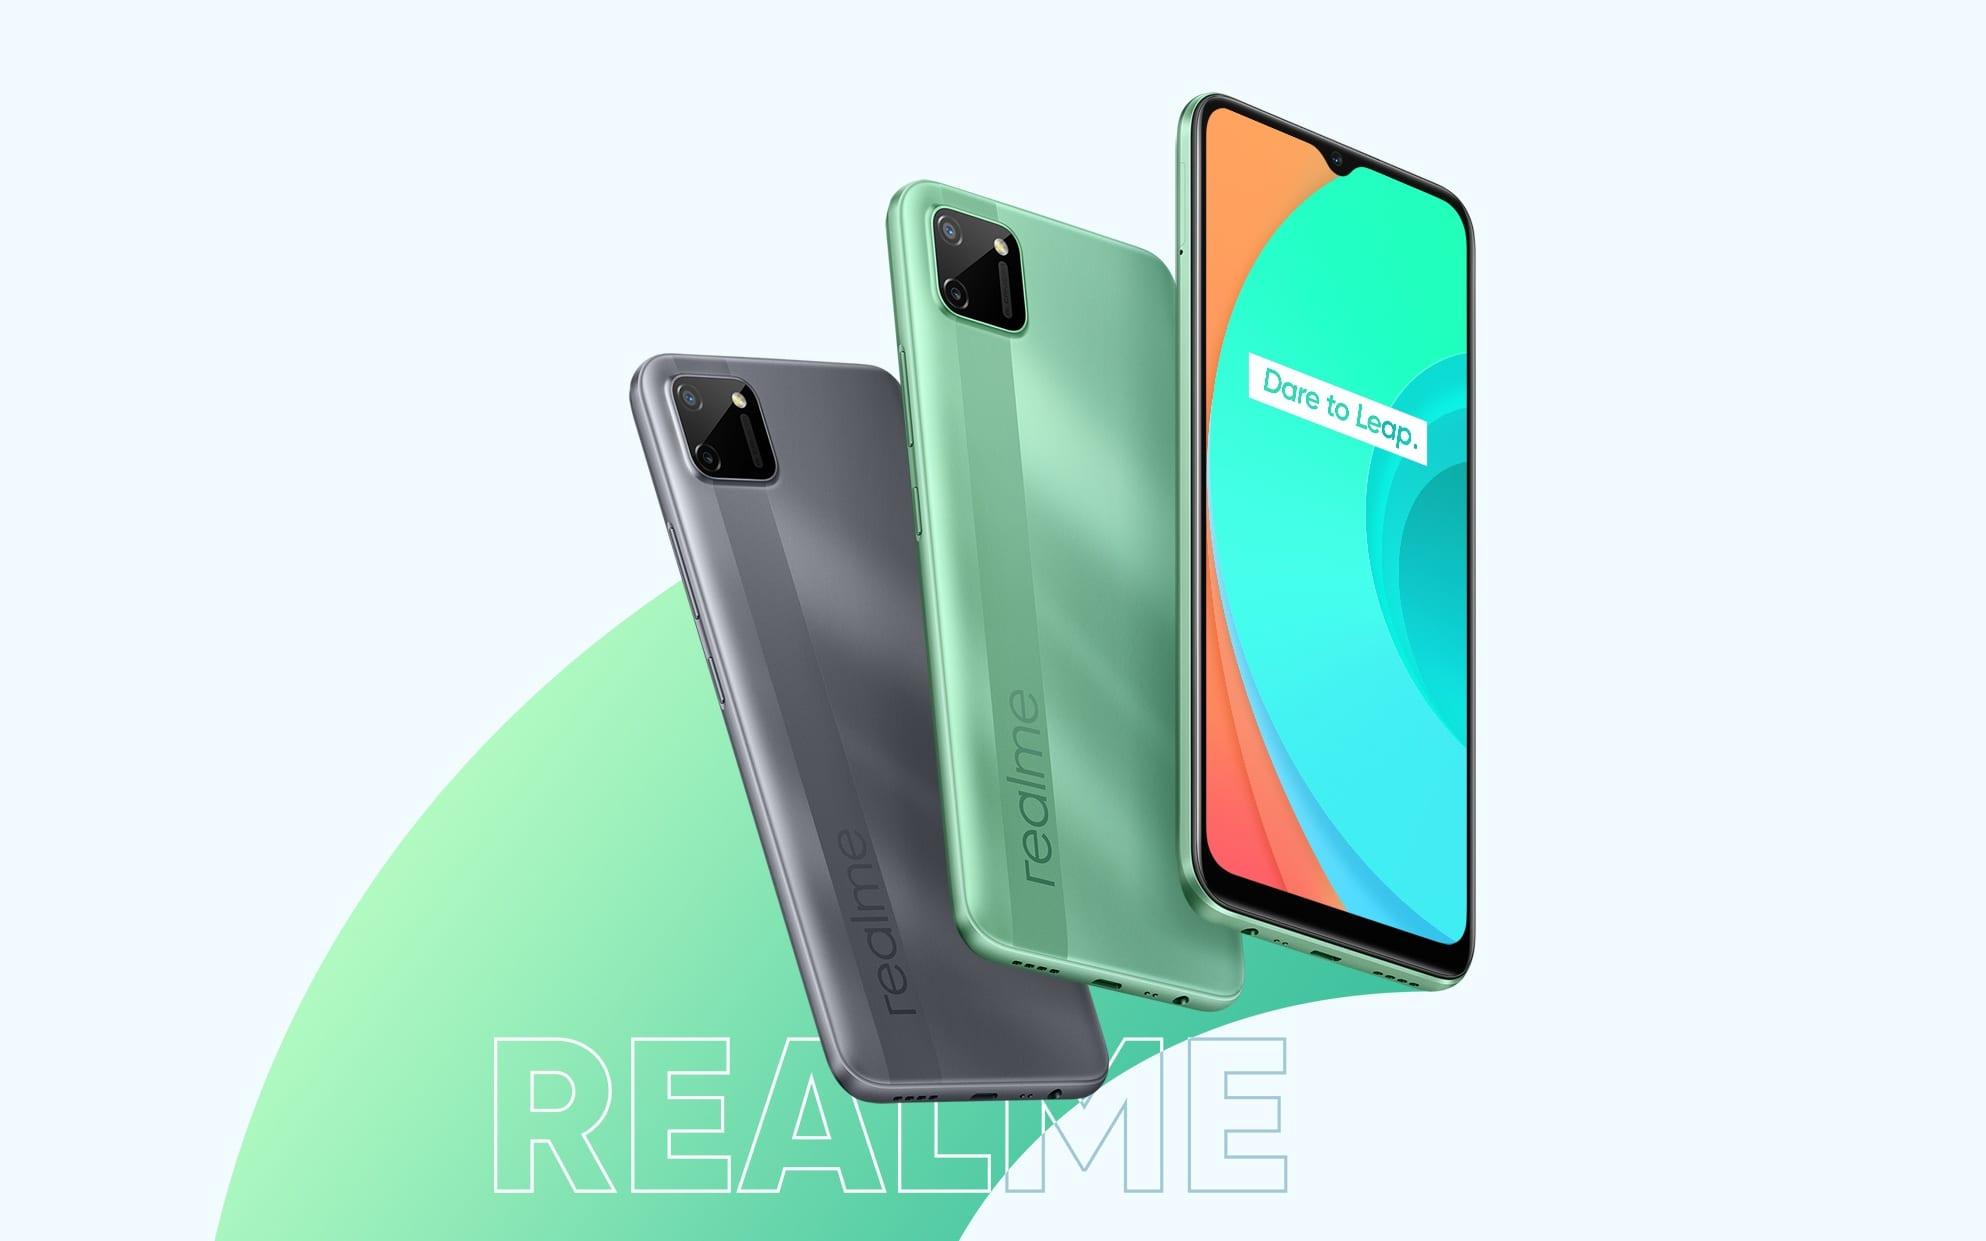 روکیدا - گوشی جدید Realme C12 با باتری 6000 میلیآمپری در انتظار ورود به بازار - Realme, ریلمی, گوشی های ریلمی